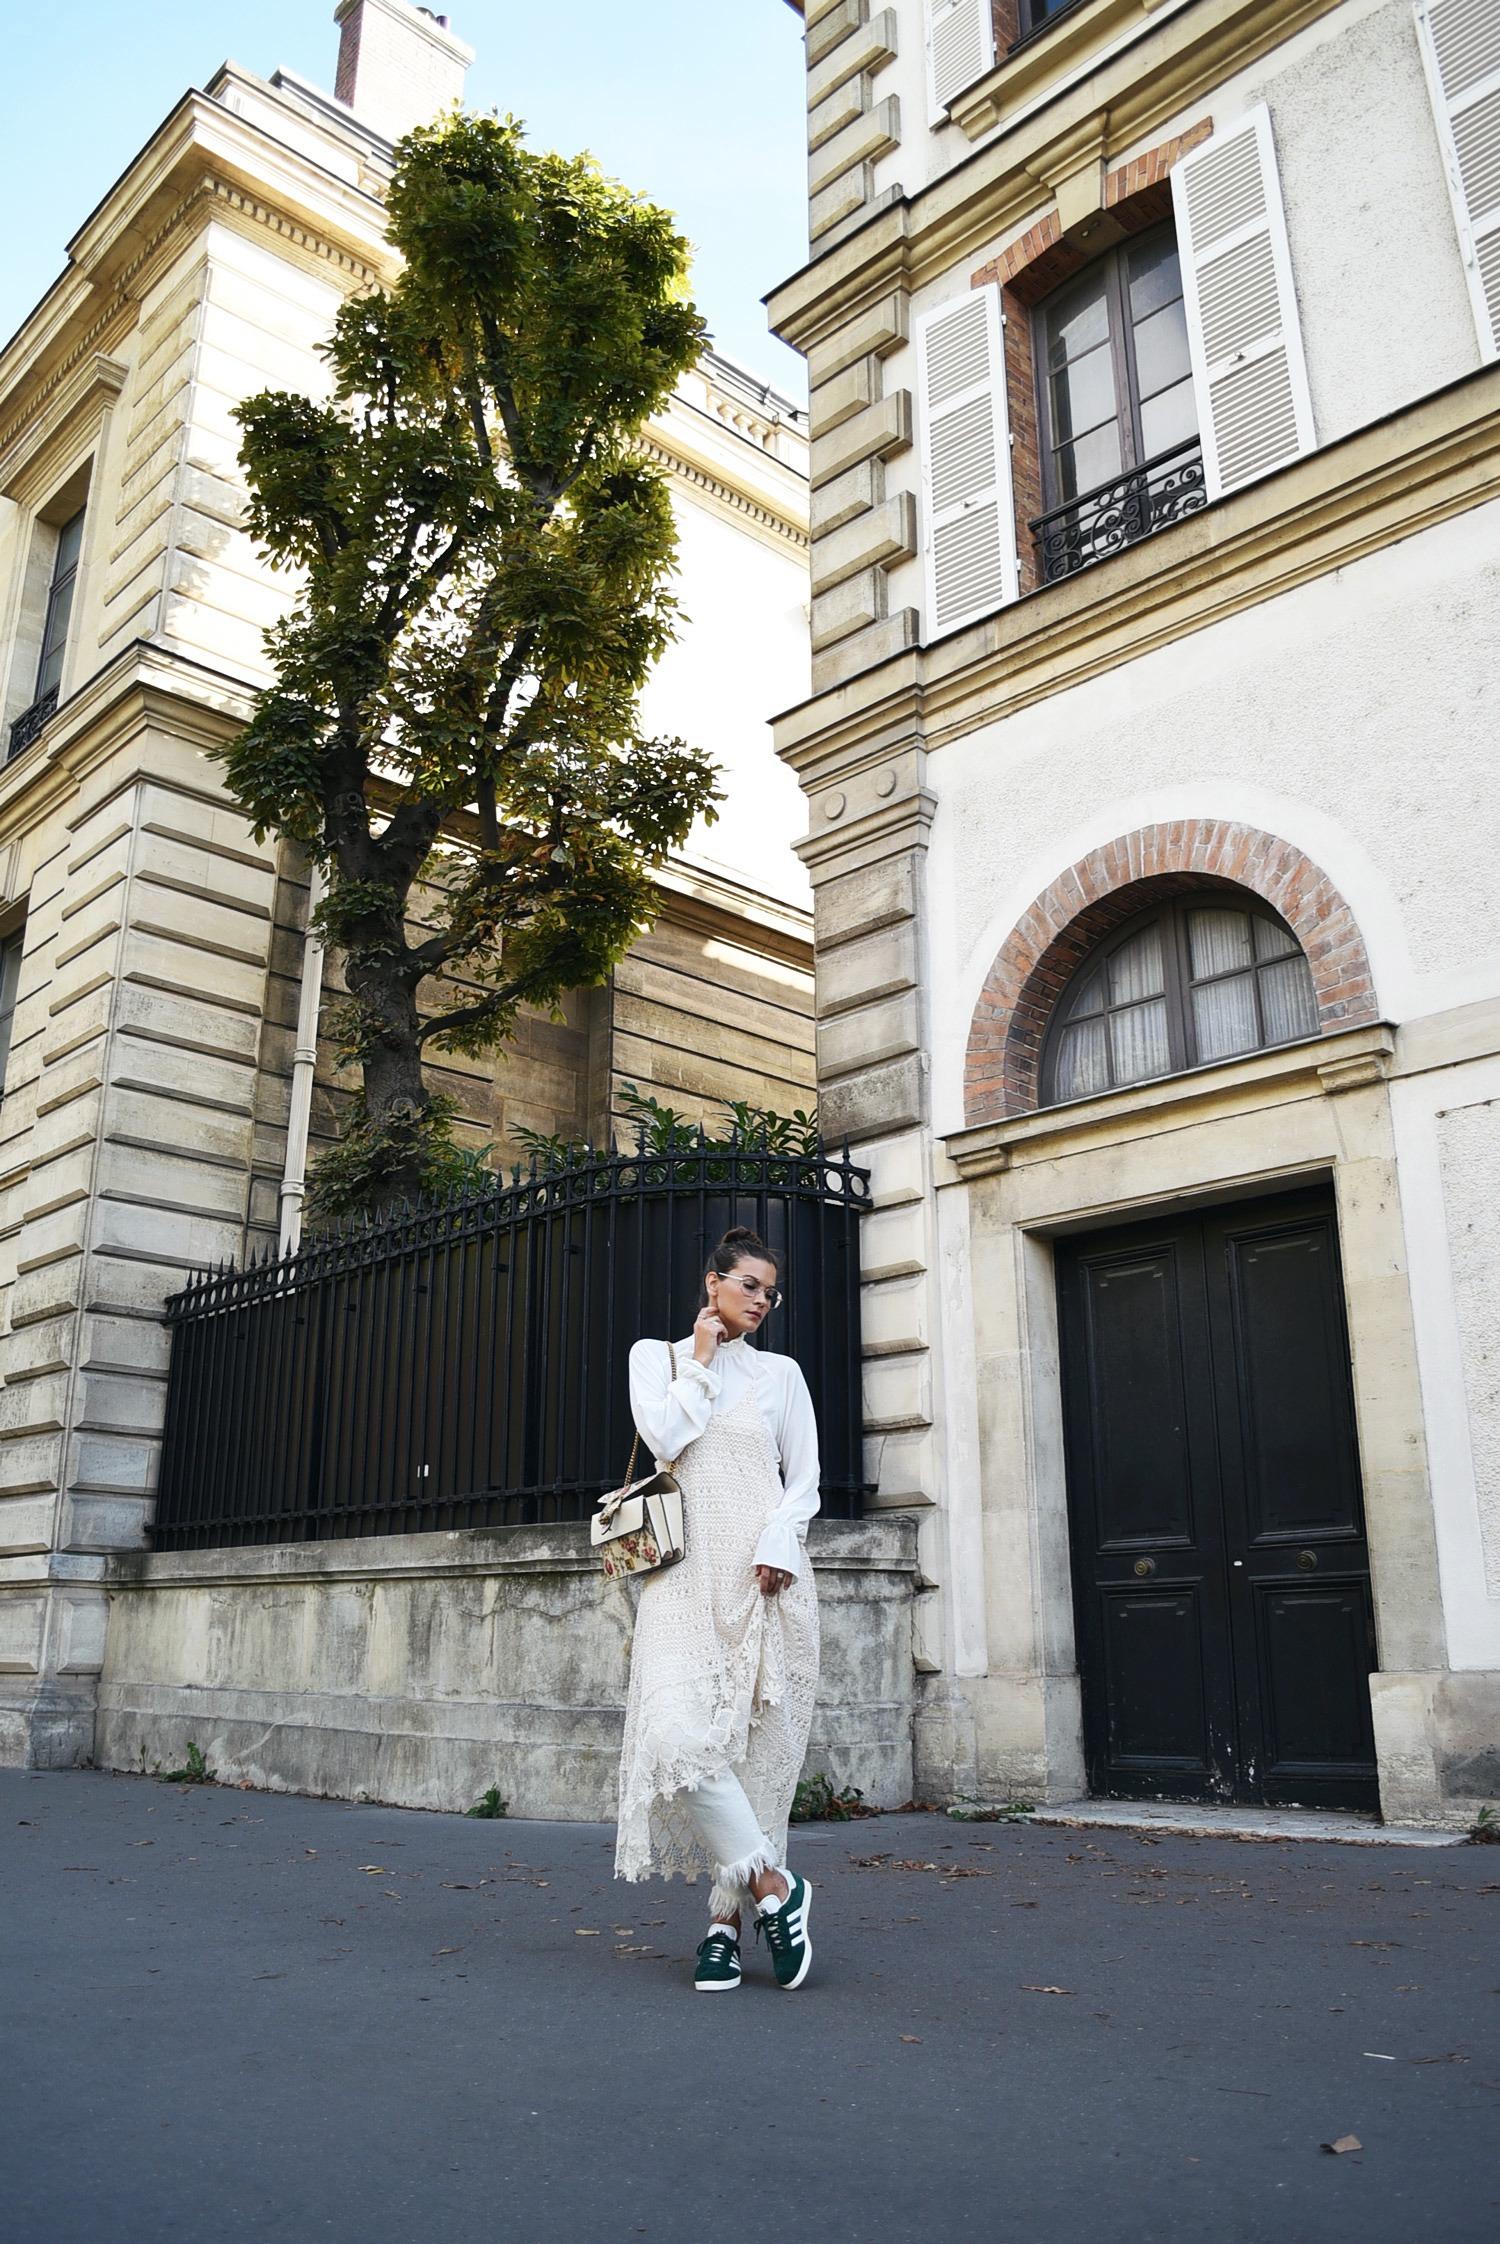 nina-schwichtenberg-fashionblog-deutschland-münchen-mode-blog-fashiioncarpet